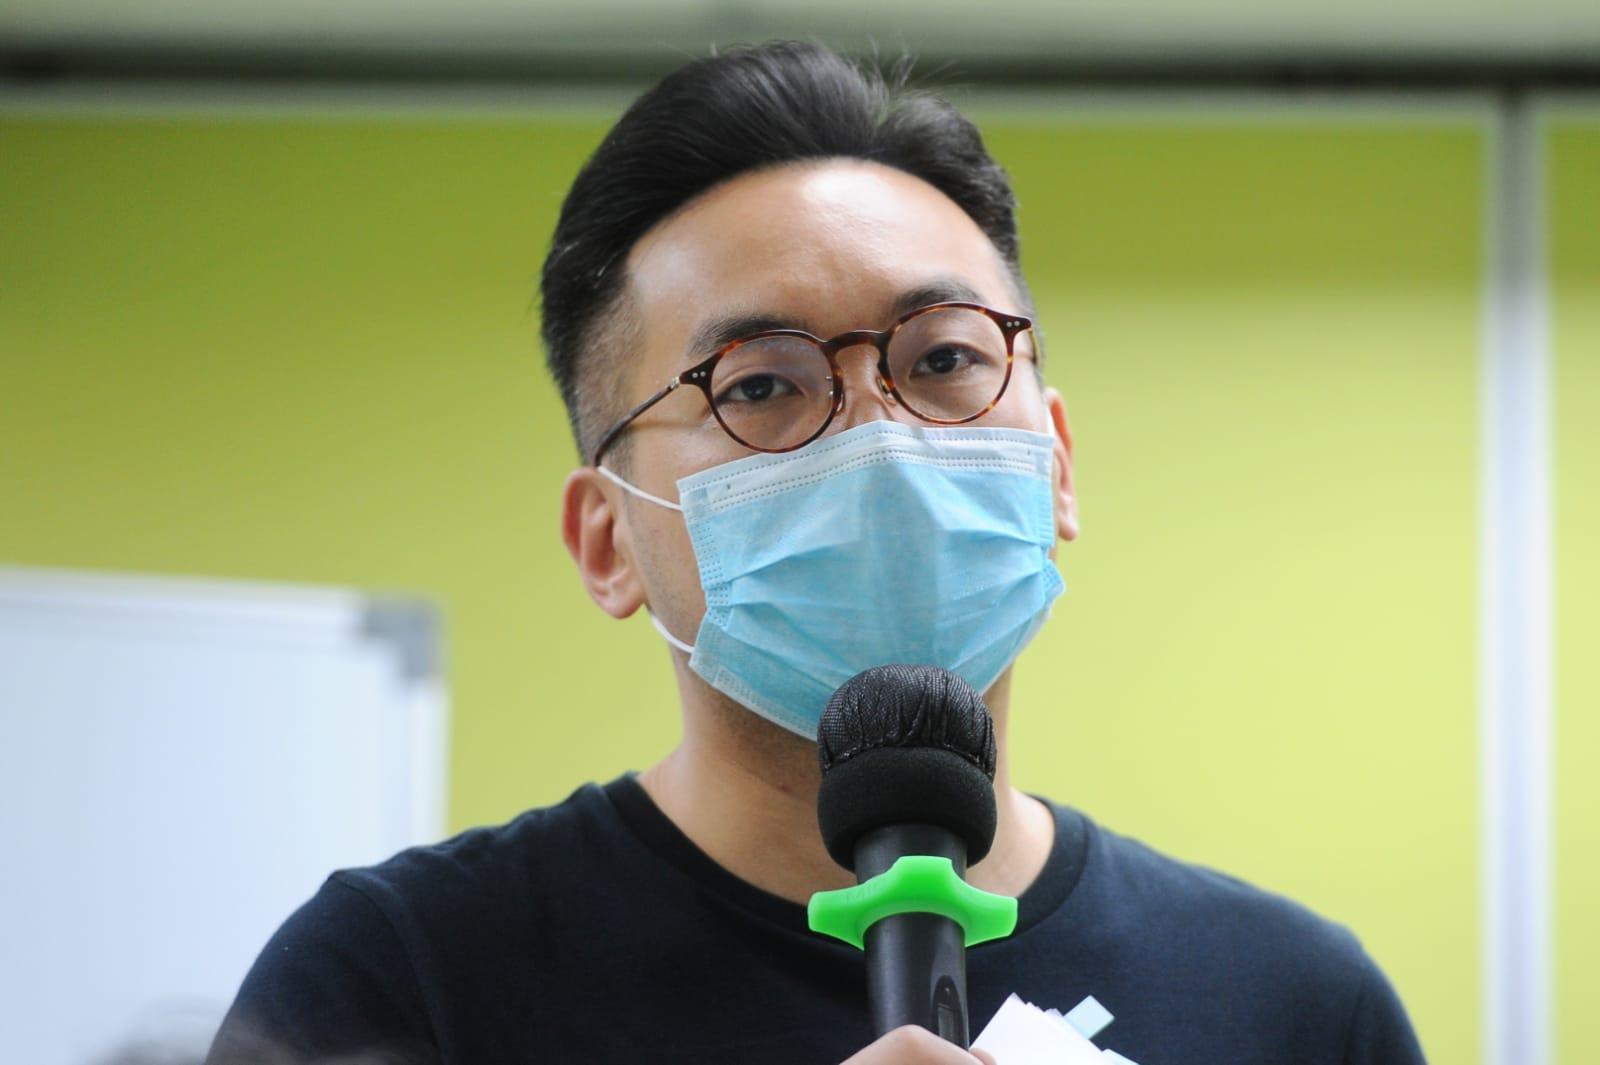 楊岳橋表示,「港版國安法」先假定不准保釋,除非法庭有充分理由,這與香港普通法矛盾。(宋碧龍/大紀元)